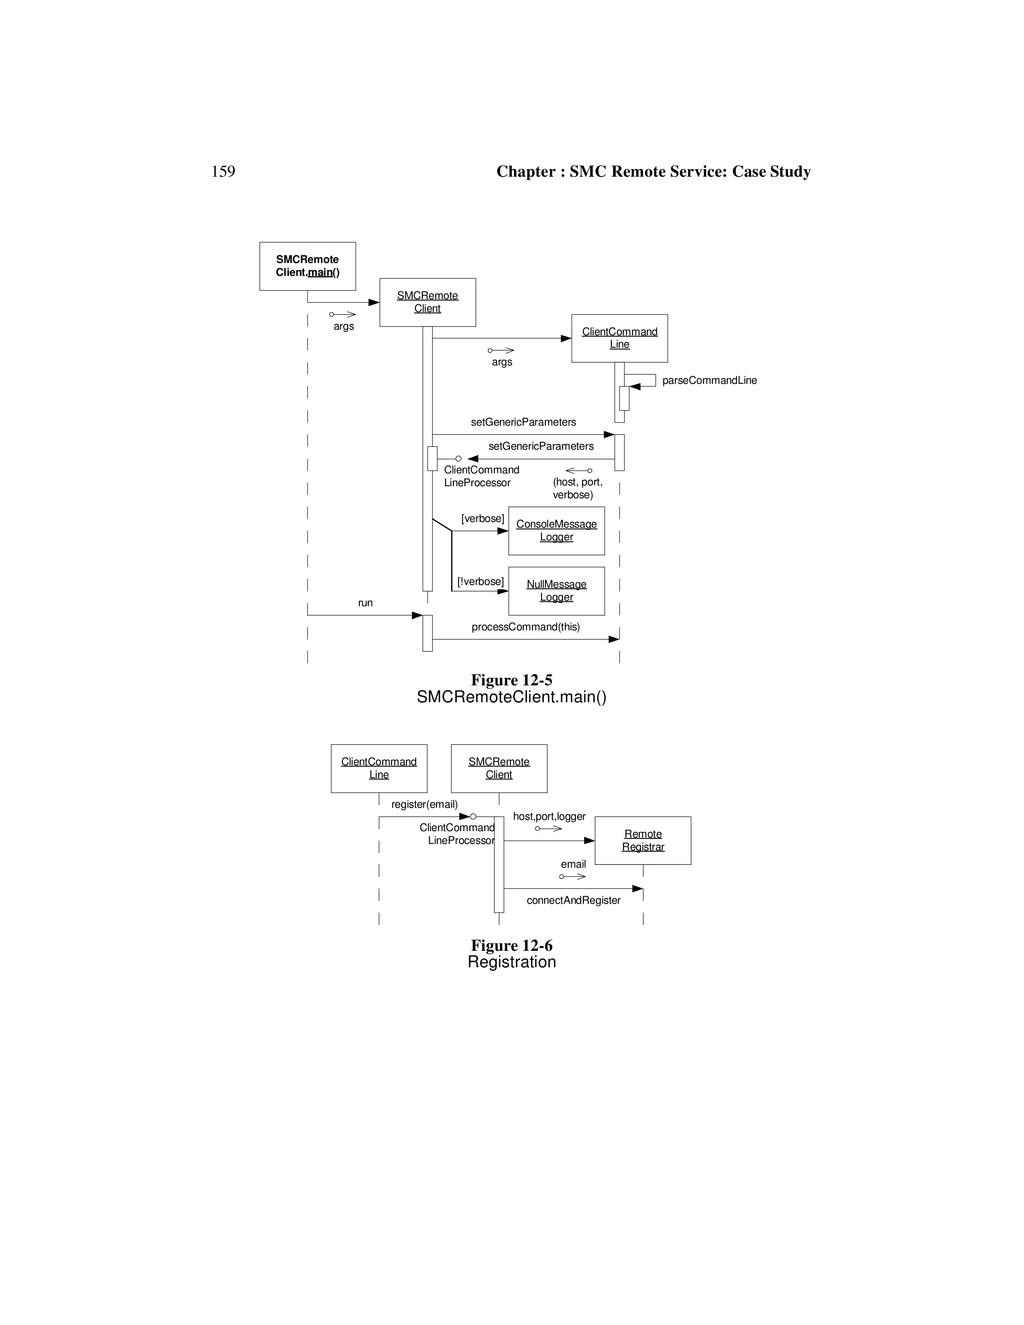 159 Chapter : SMC Remote Service: Case Study Fi...